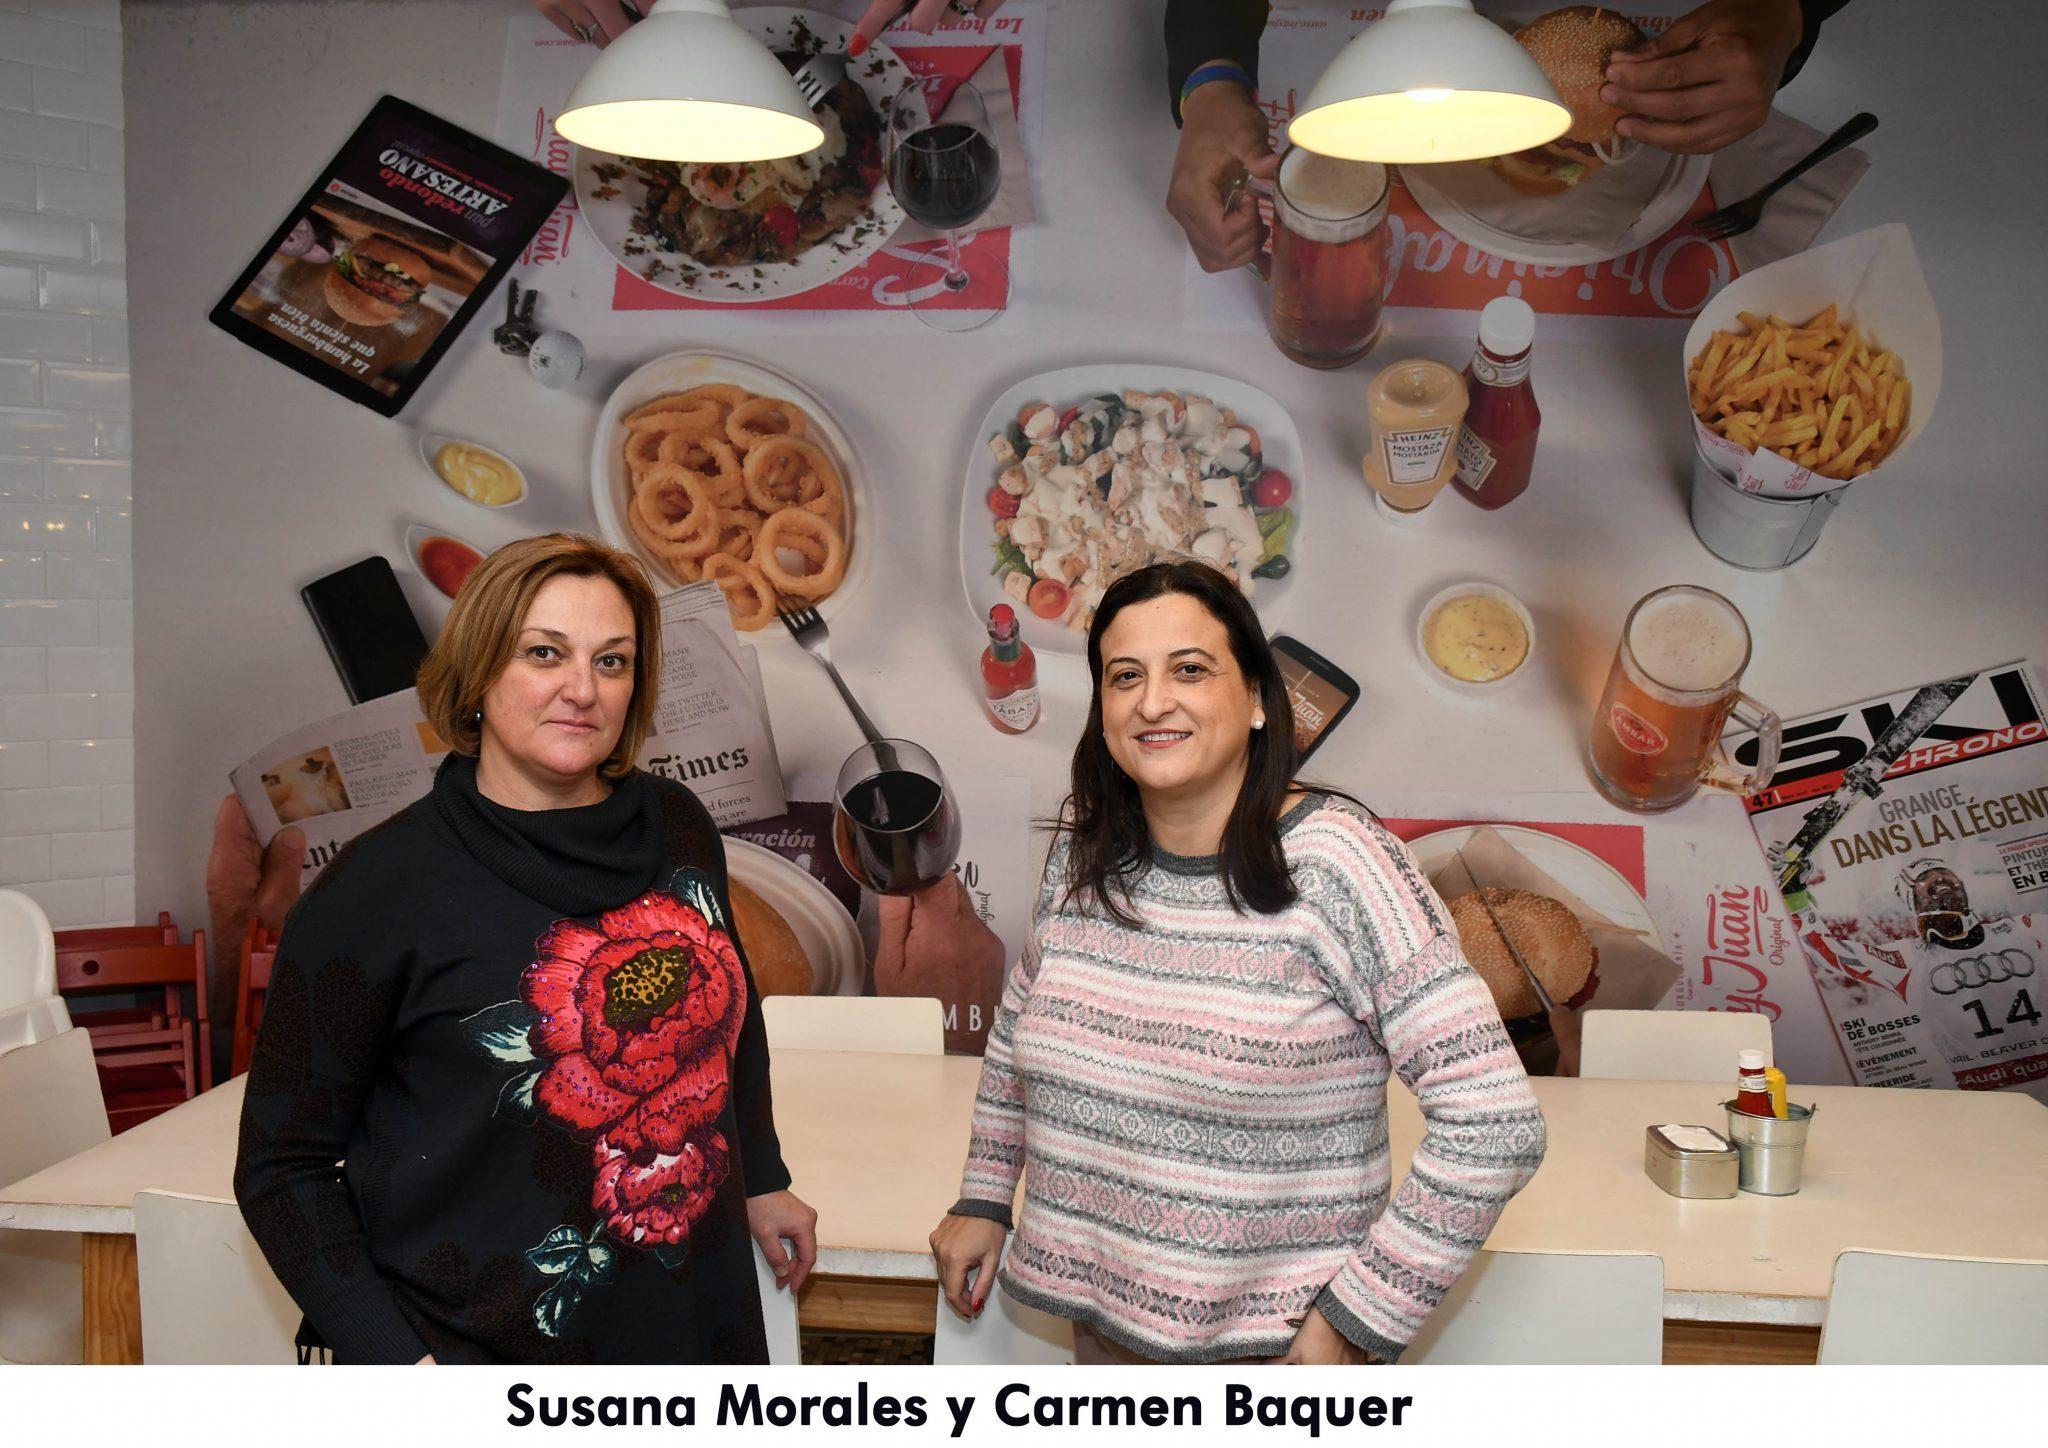 01. SUSANA MORALES Y CARMEN BAQUER